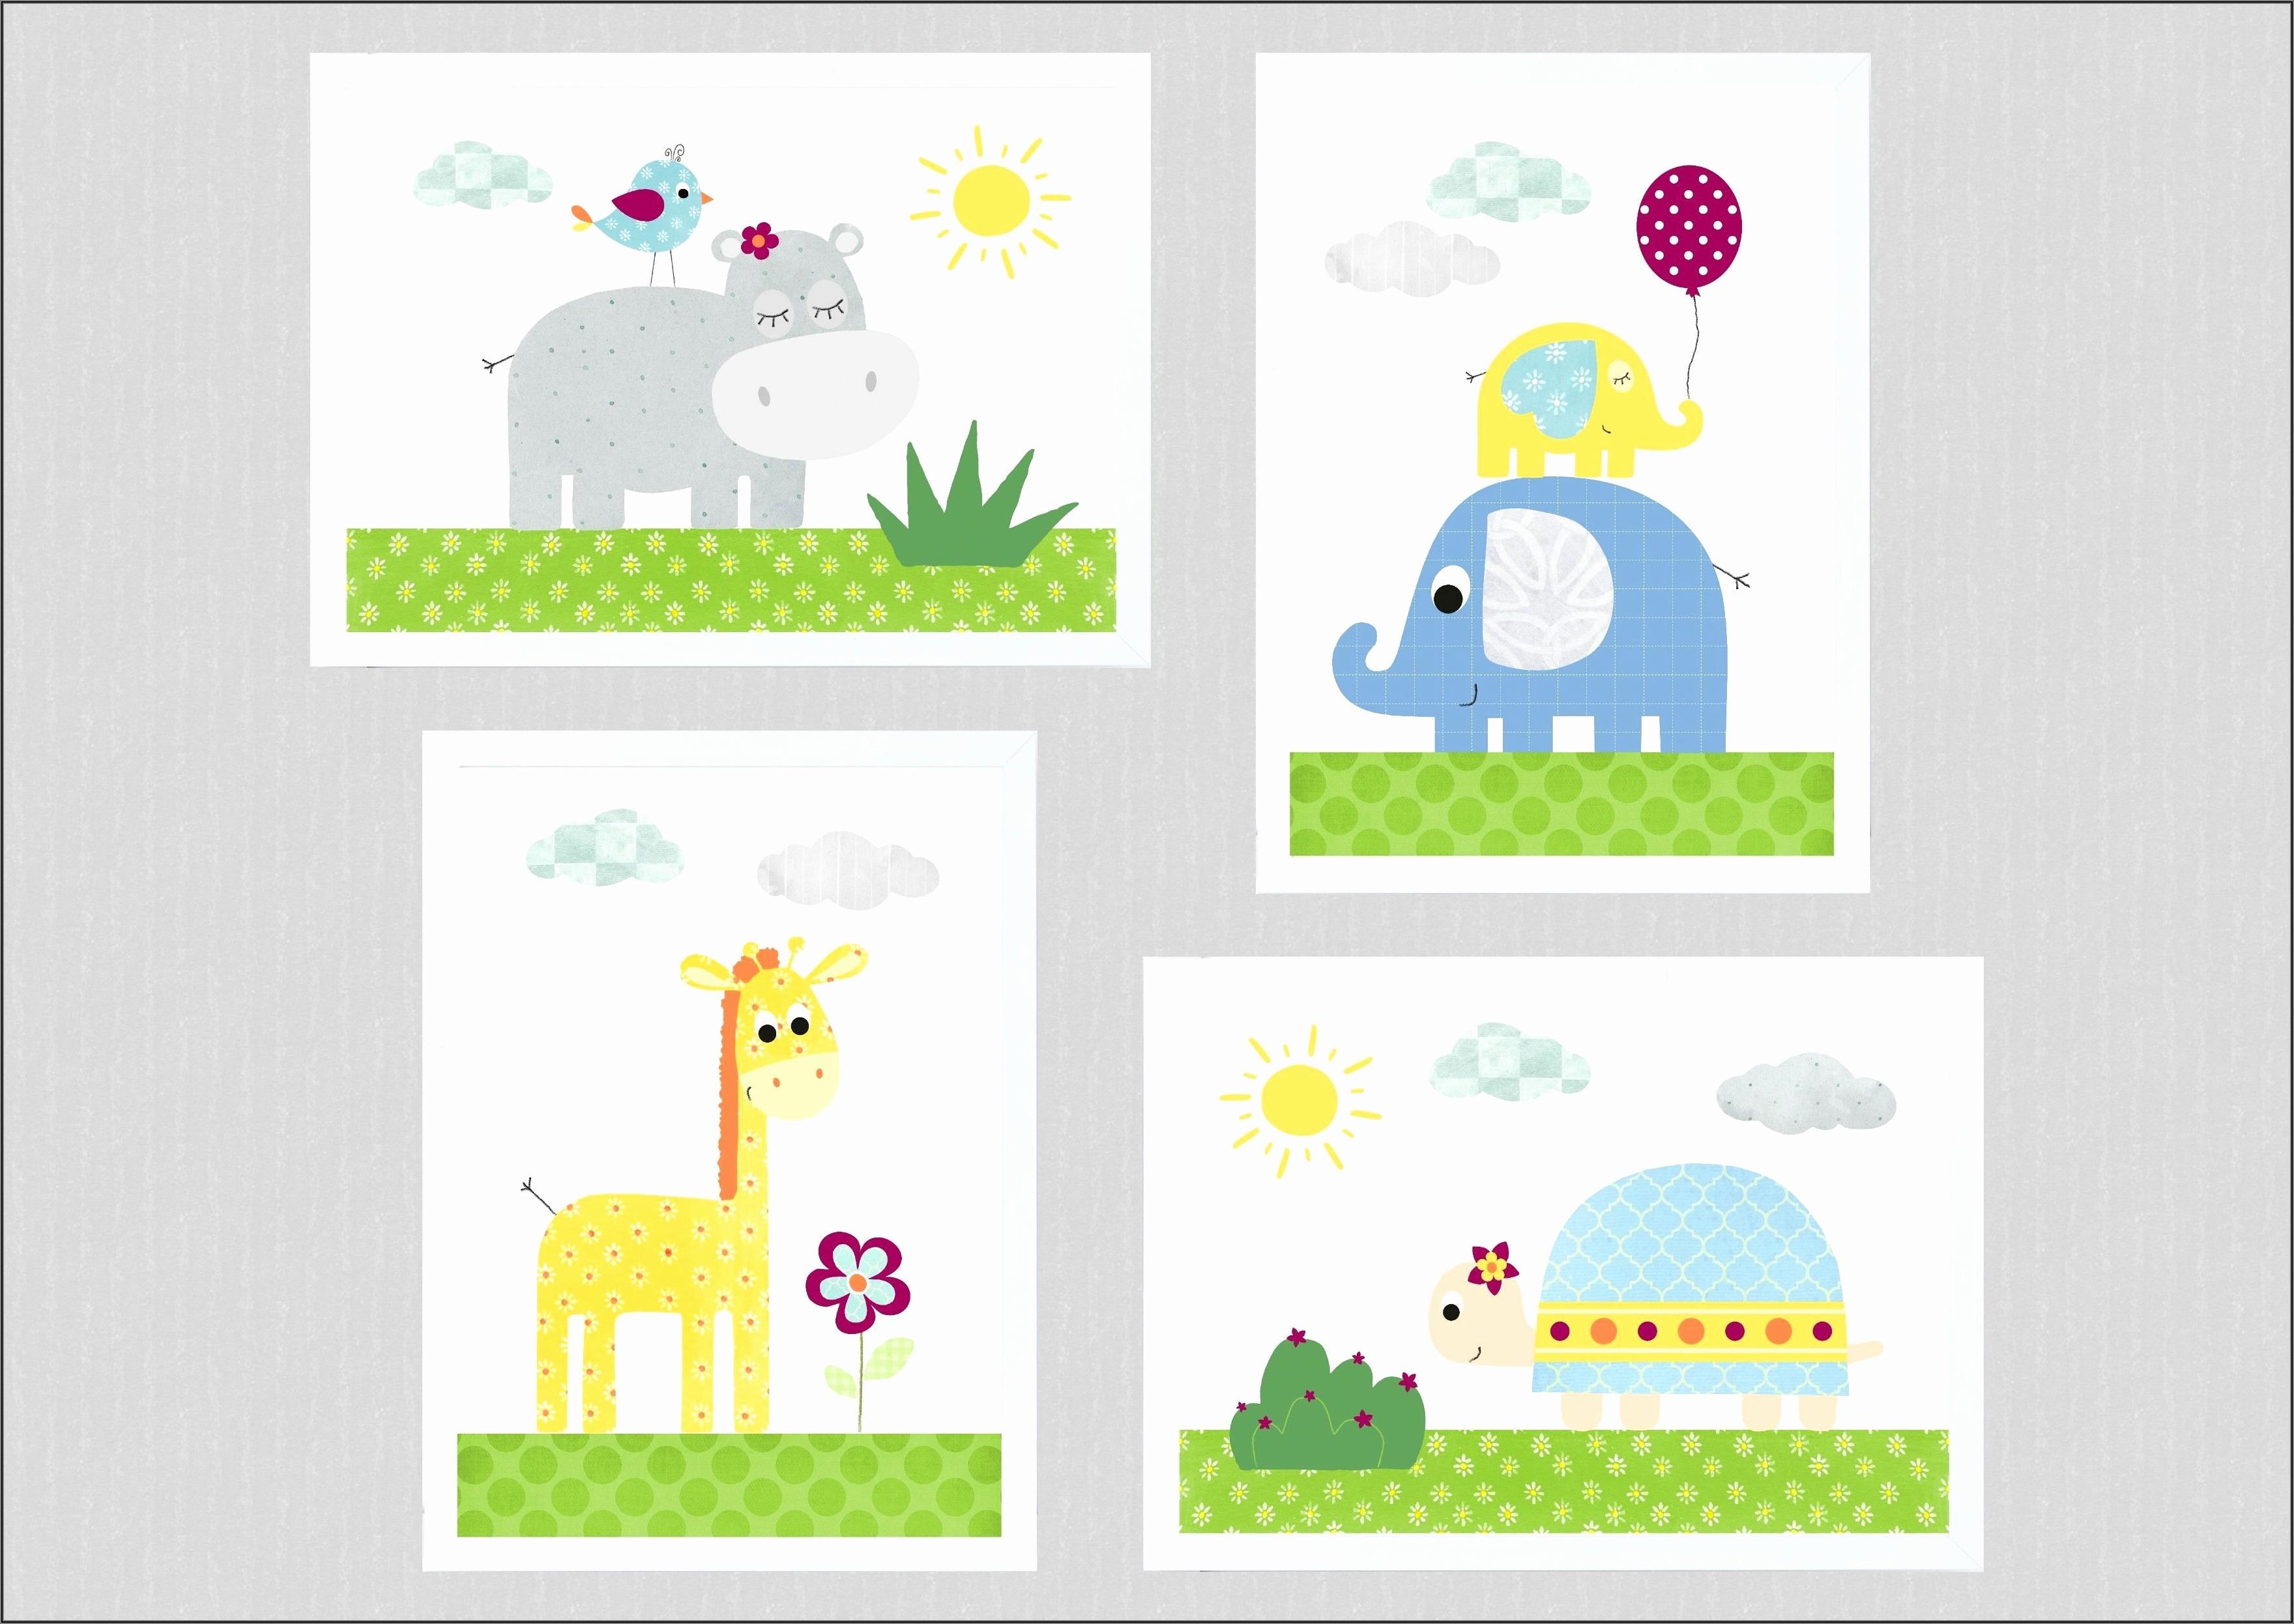 Leinwandbild Für Kinderzimmer Selber Malen